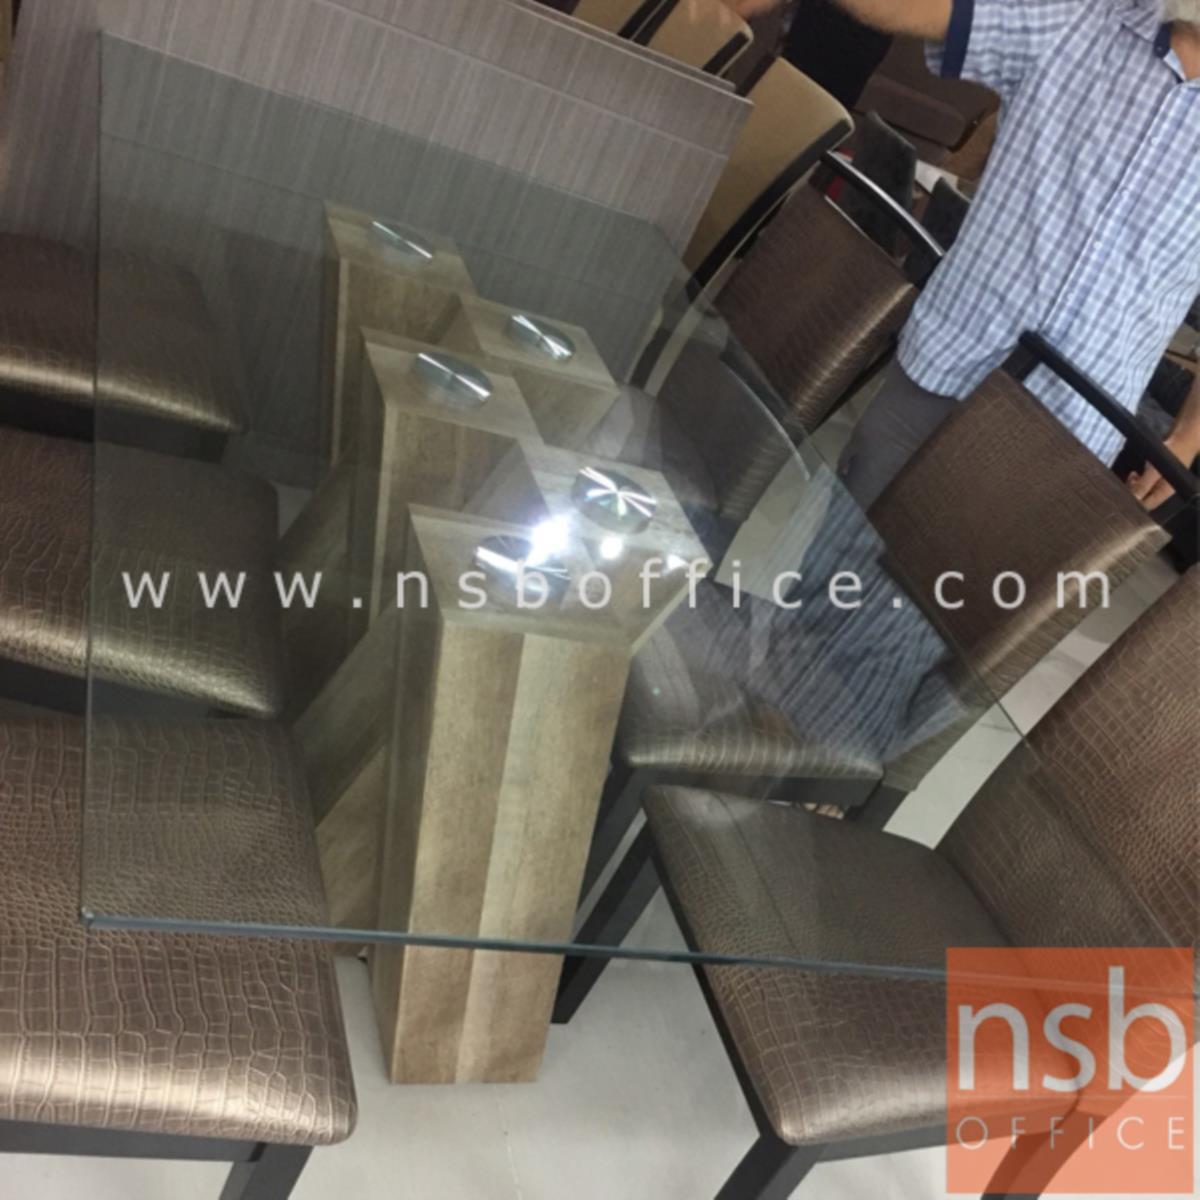 โต๊ะประชุมเหลี่ยมหน้ากระจก รุ่น Webbe (เว็บบ์) ขนาด 180W cm.  ขากล่องไม้ MDF